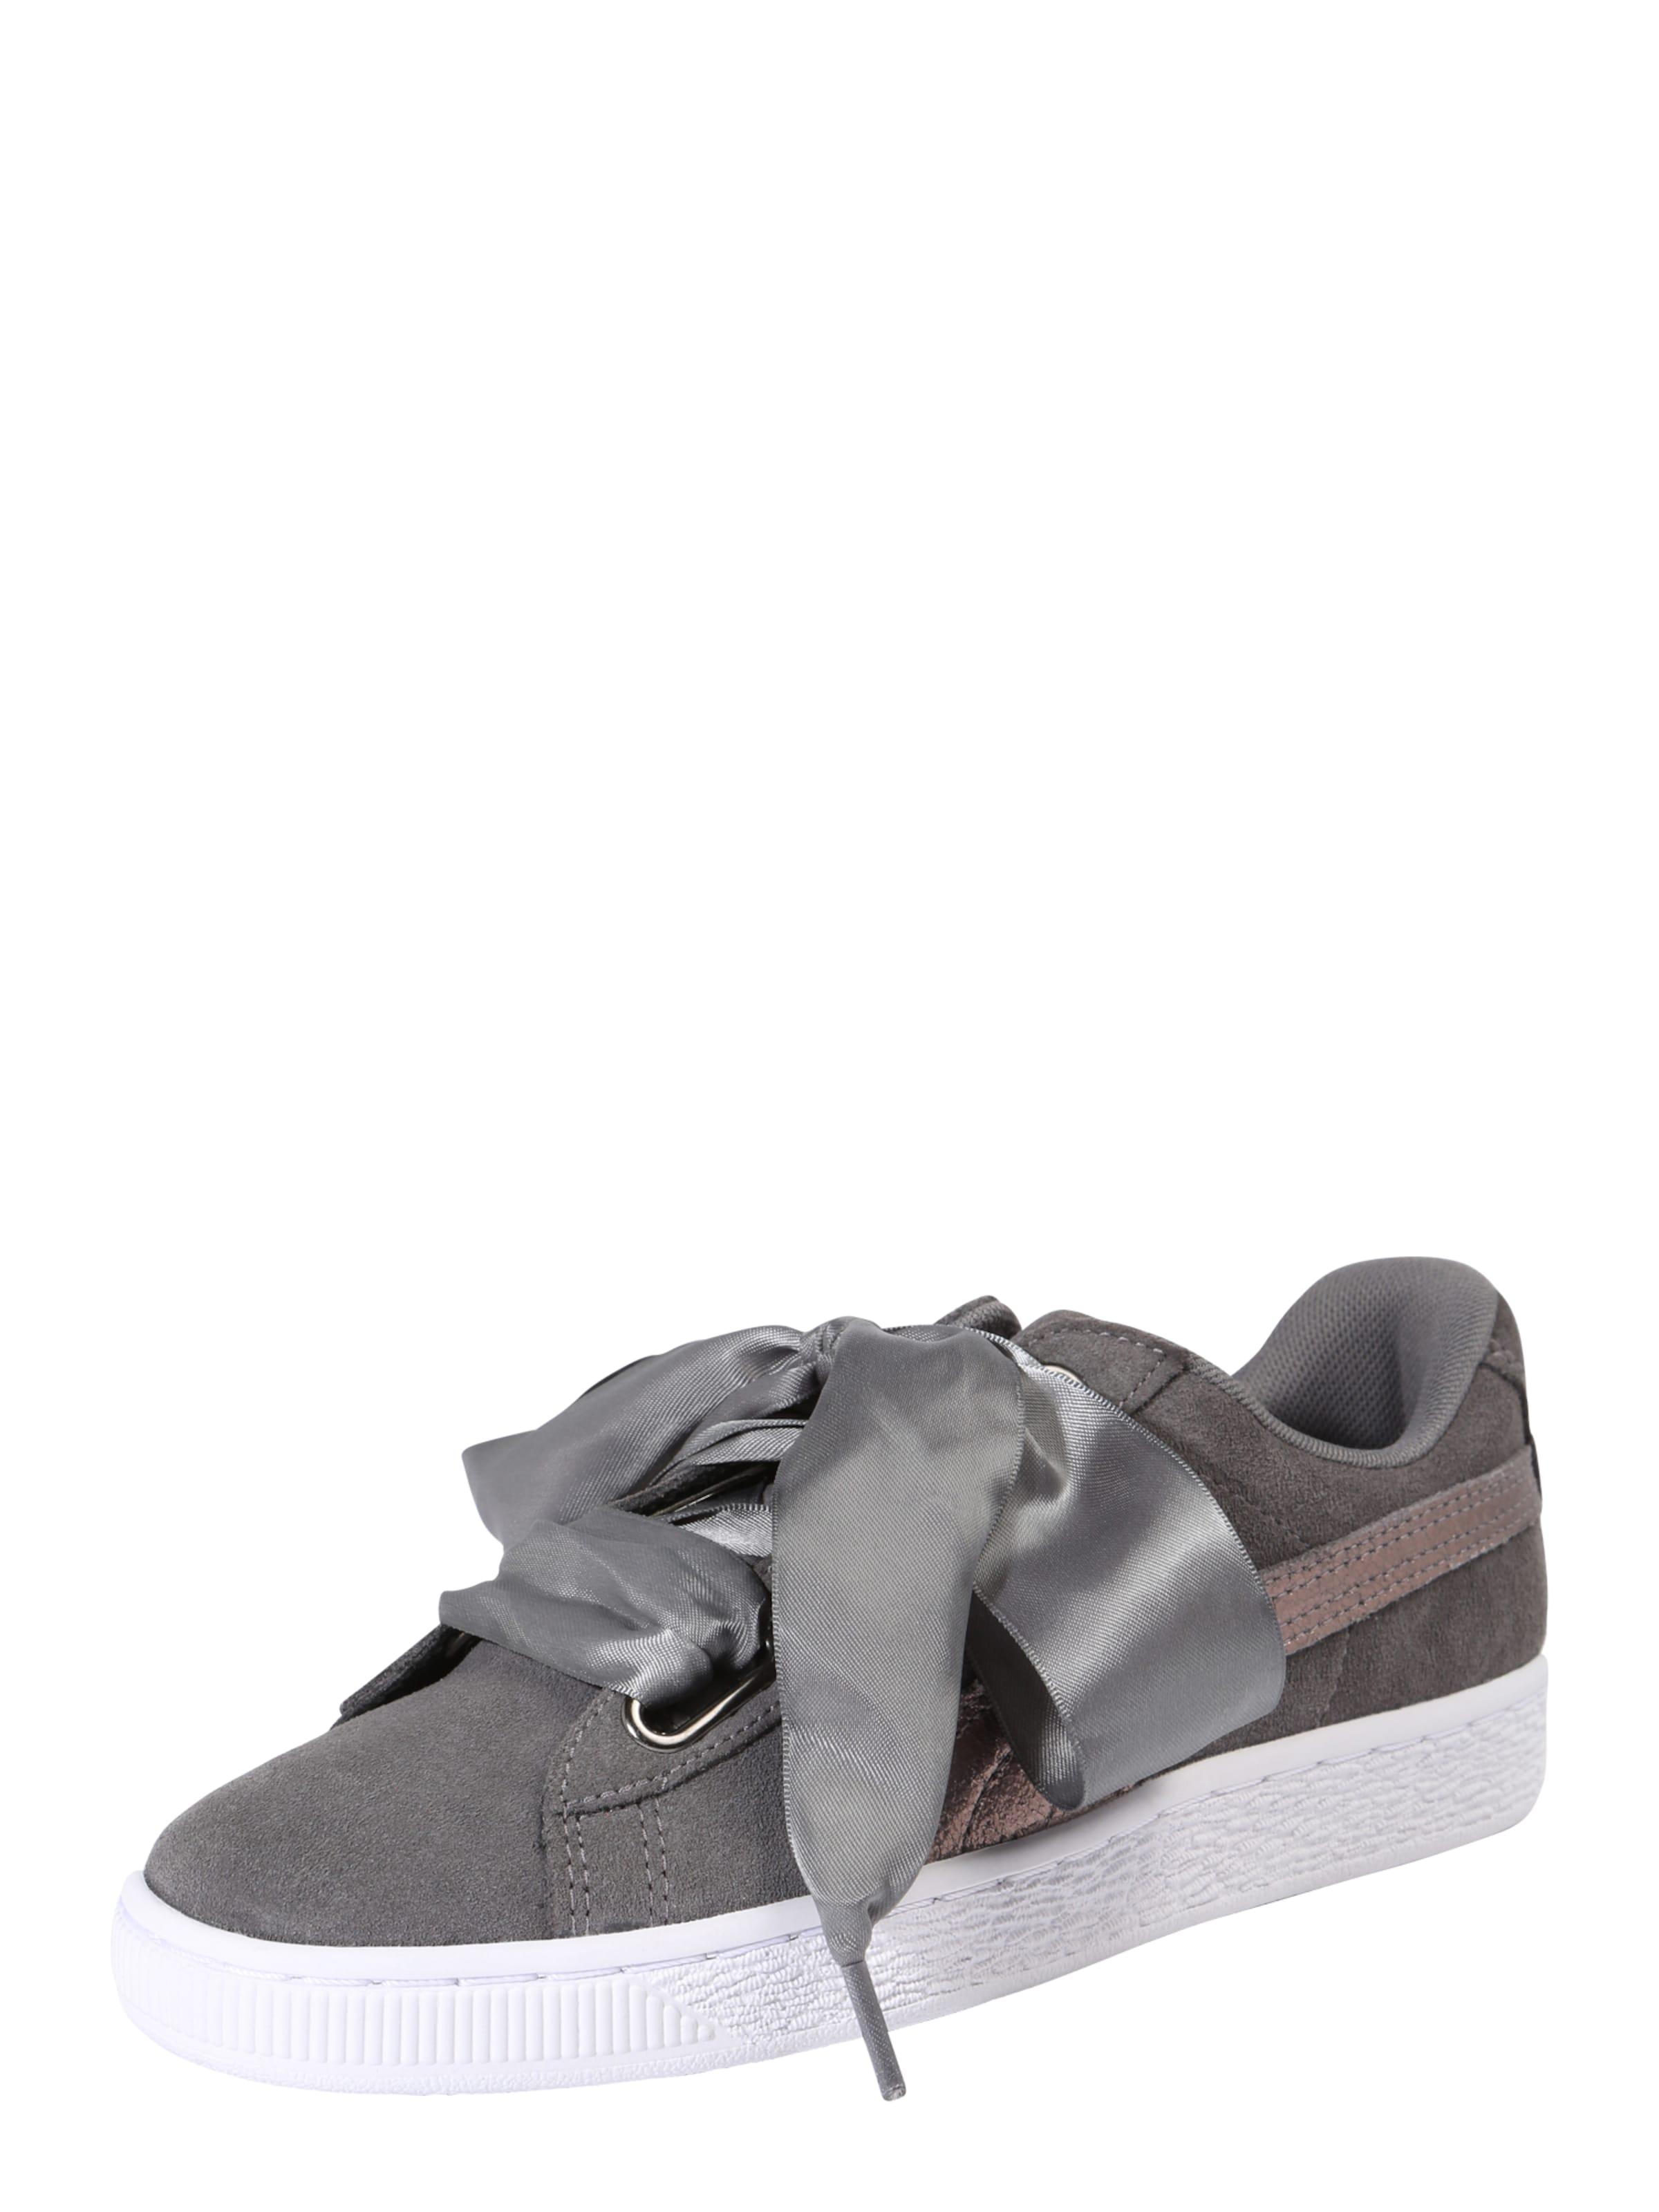 Chaussures De Sport Puma Couche Lunalux Gris » bggWdt9W4x